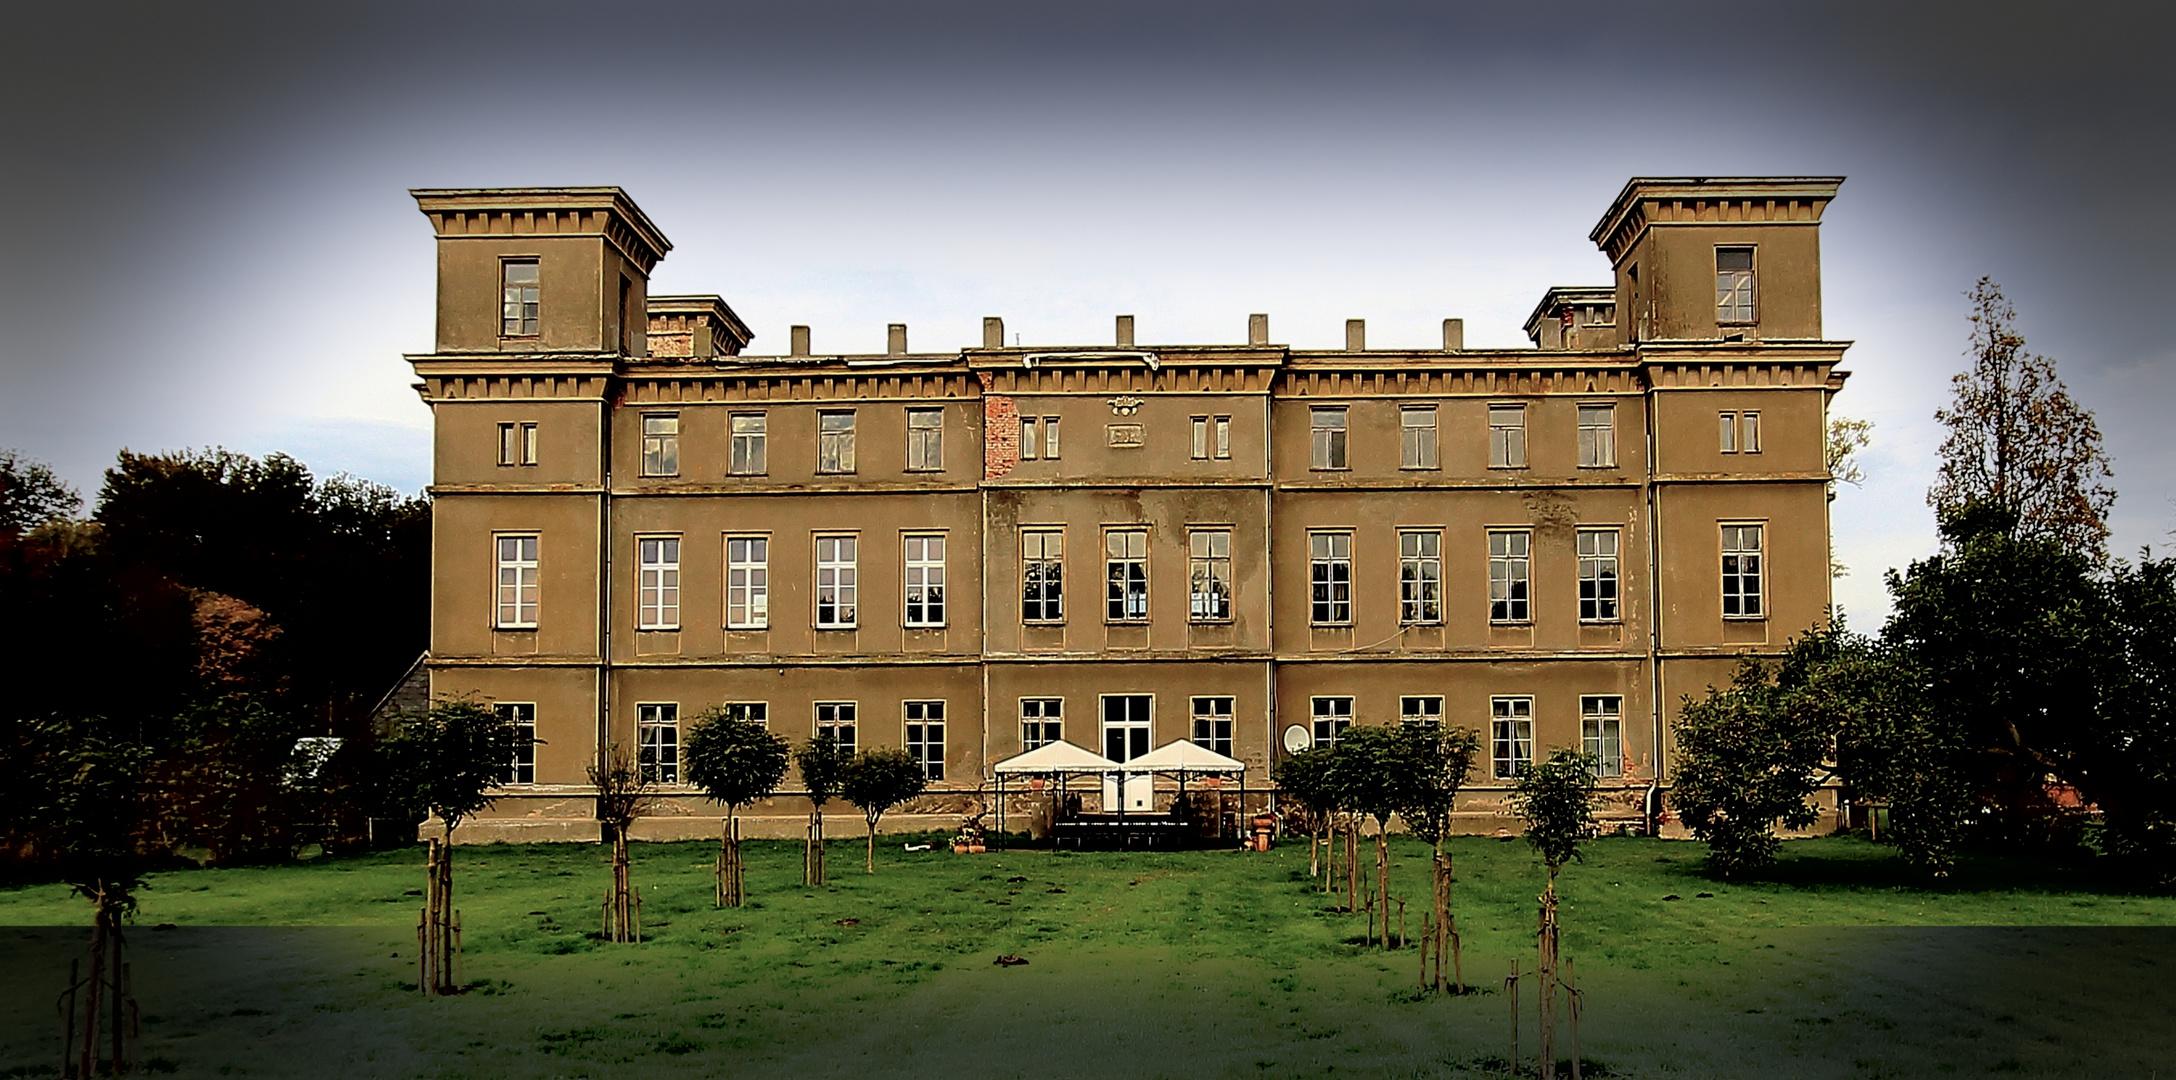 Die Bülower Burg...(Ansicht der Rückseite)